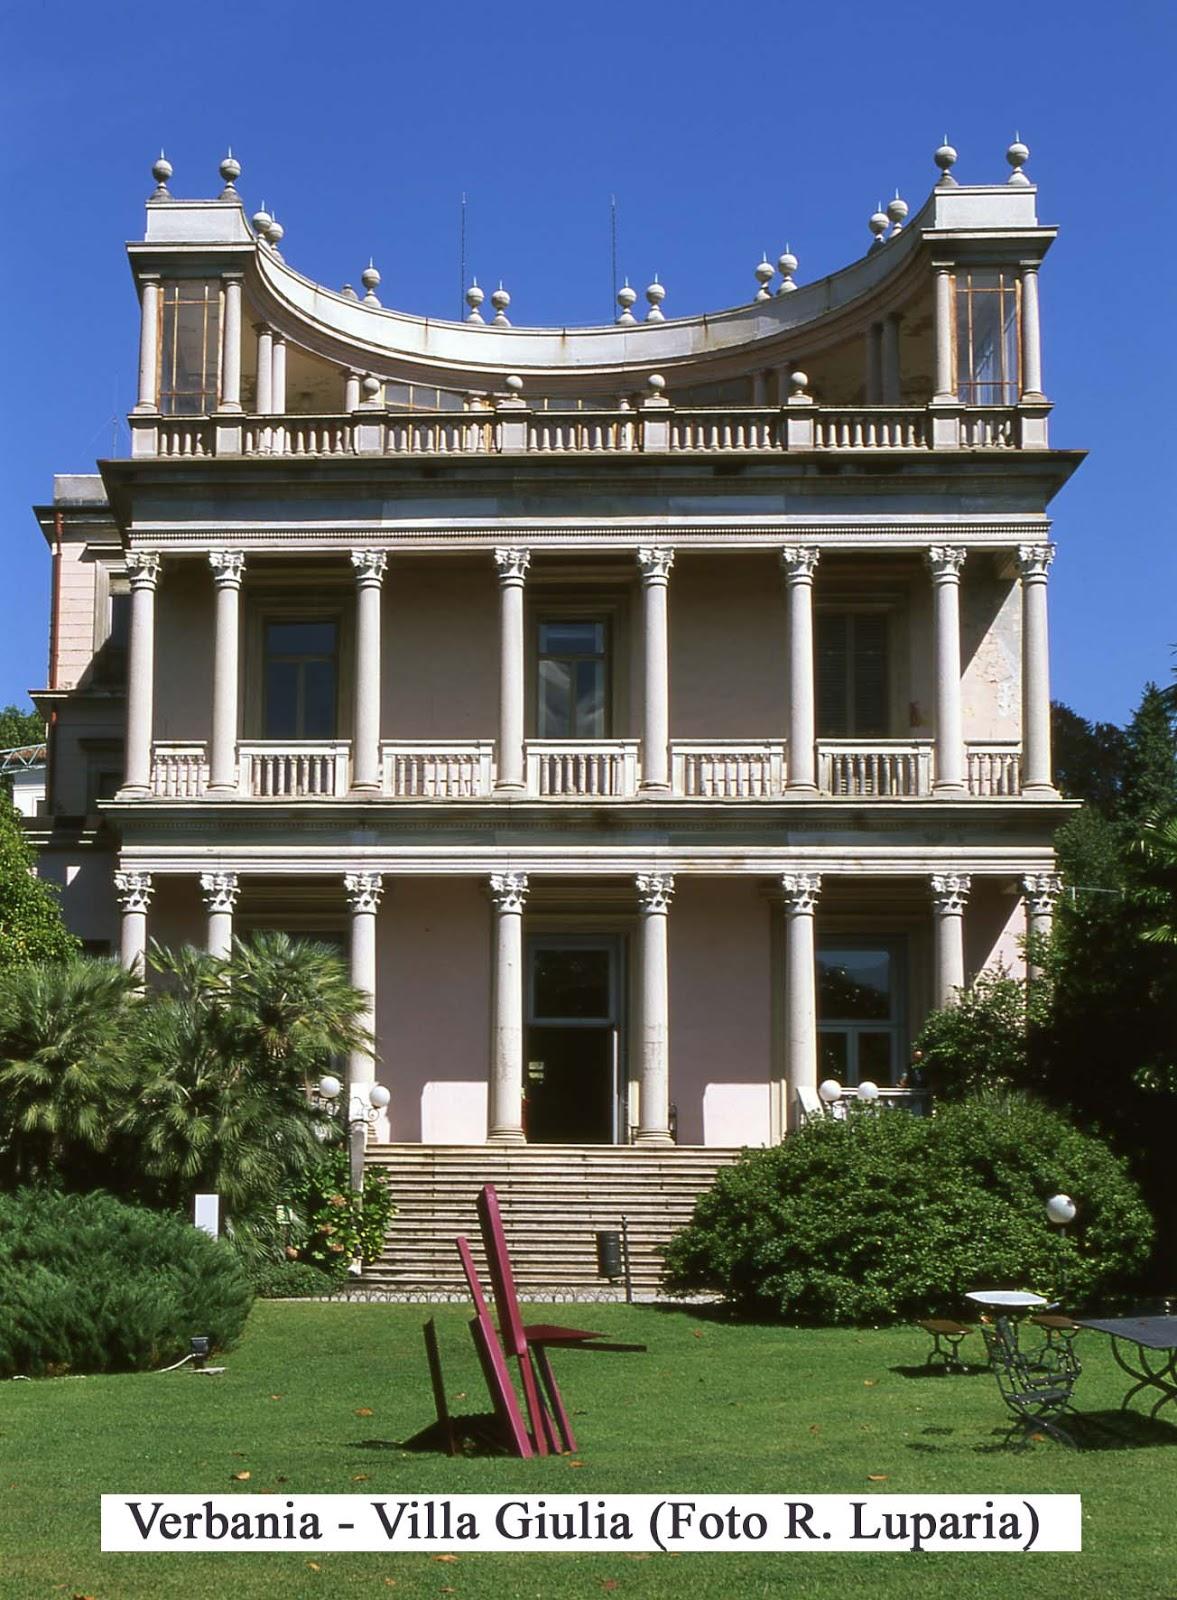 Location Morani Villa